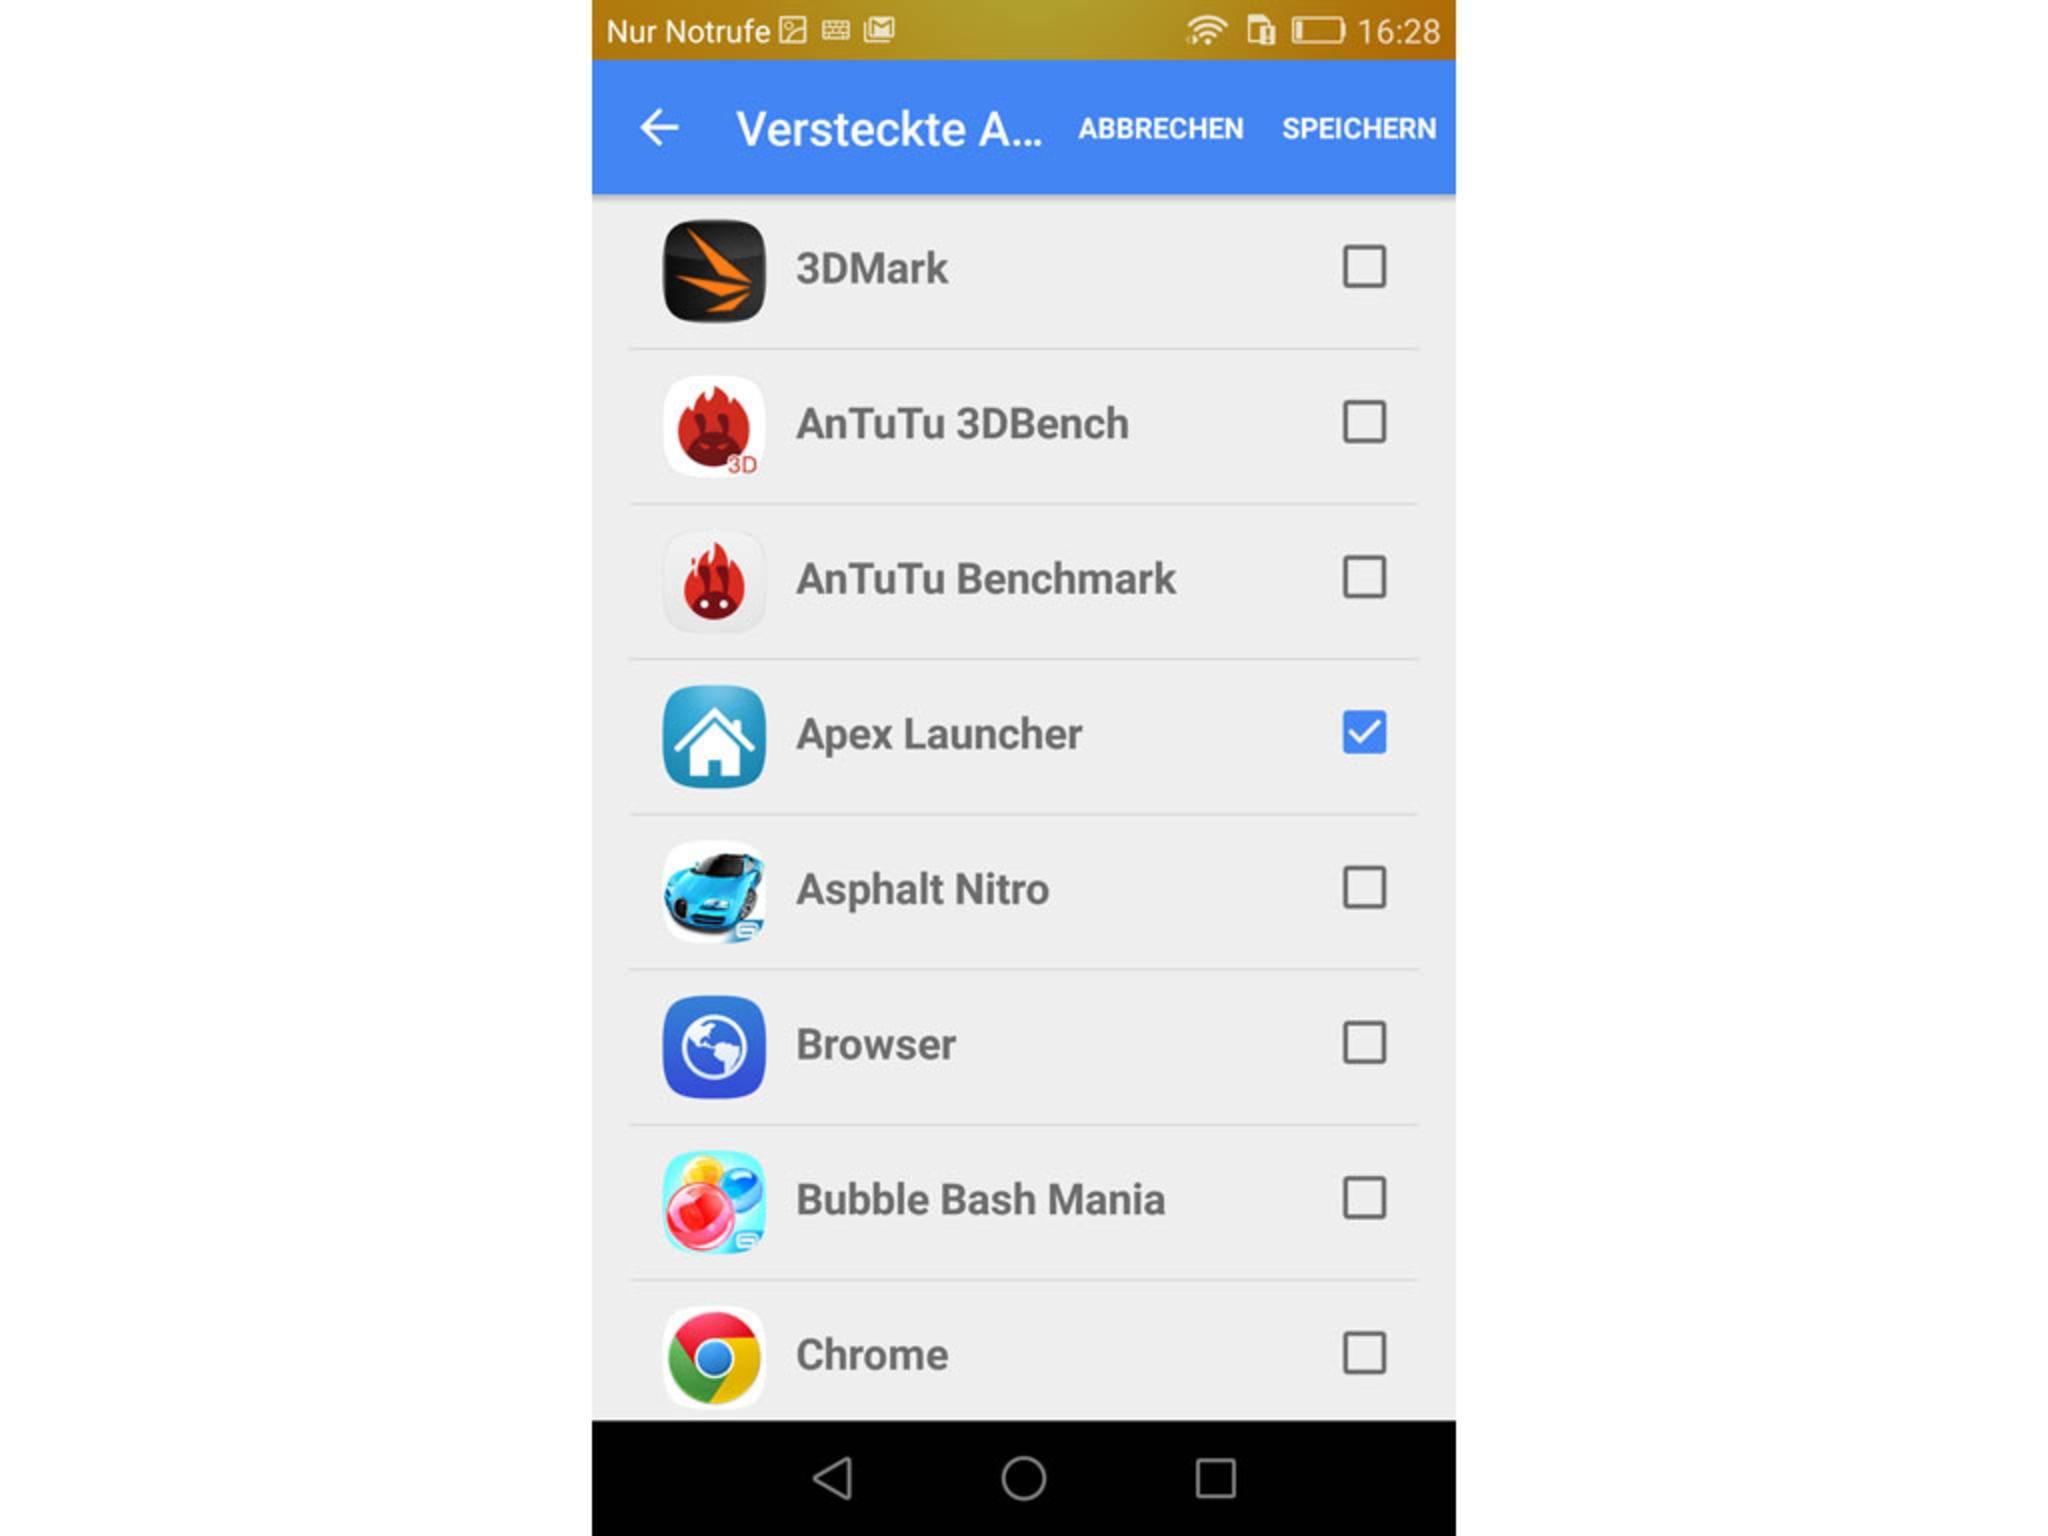 Per Checkbox lassen sich die Apps bestimmen, die versteckt werden sollen.